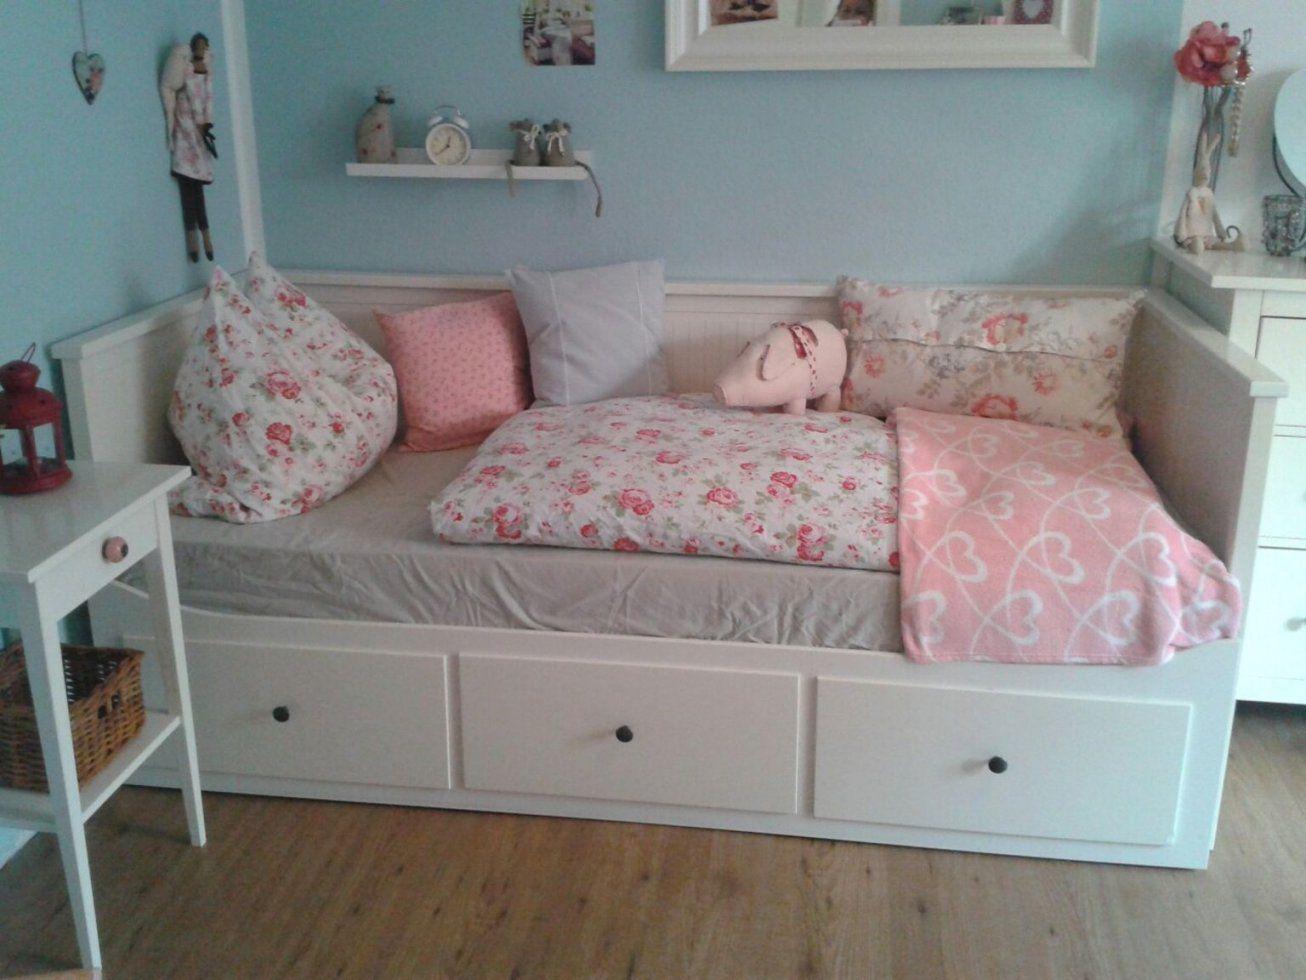 Andere Und Gebraucht Ikea Hemnes Bett Tagesbett Weiss Schubladen In von Ikea Hemnes Bett Ausziehbar Photo